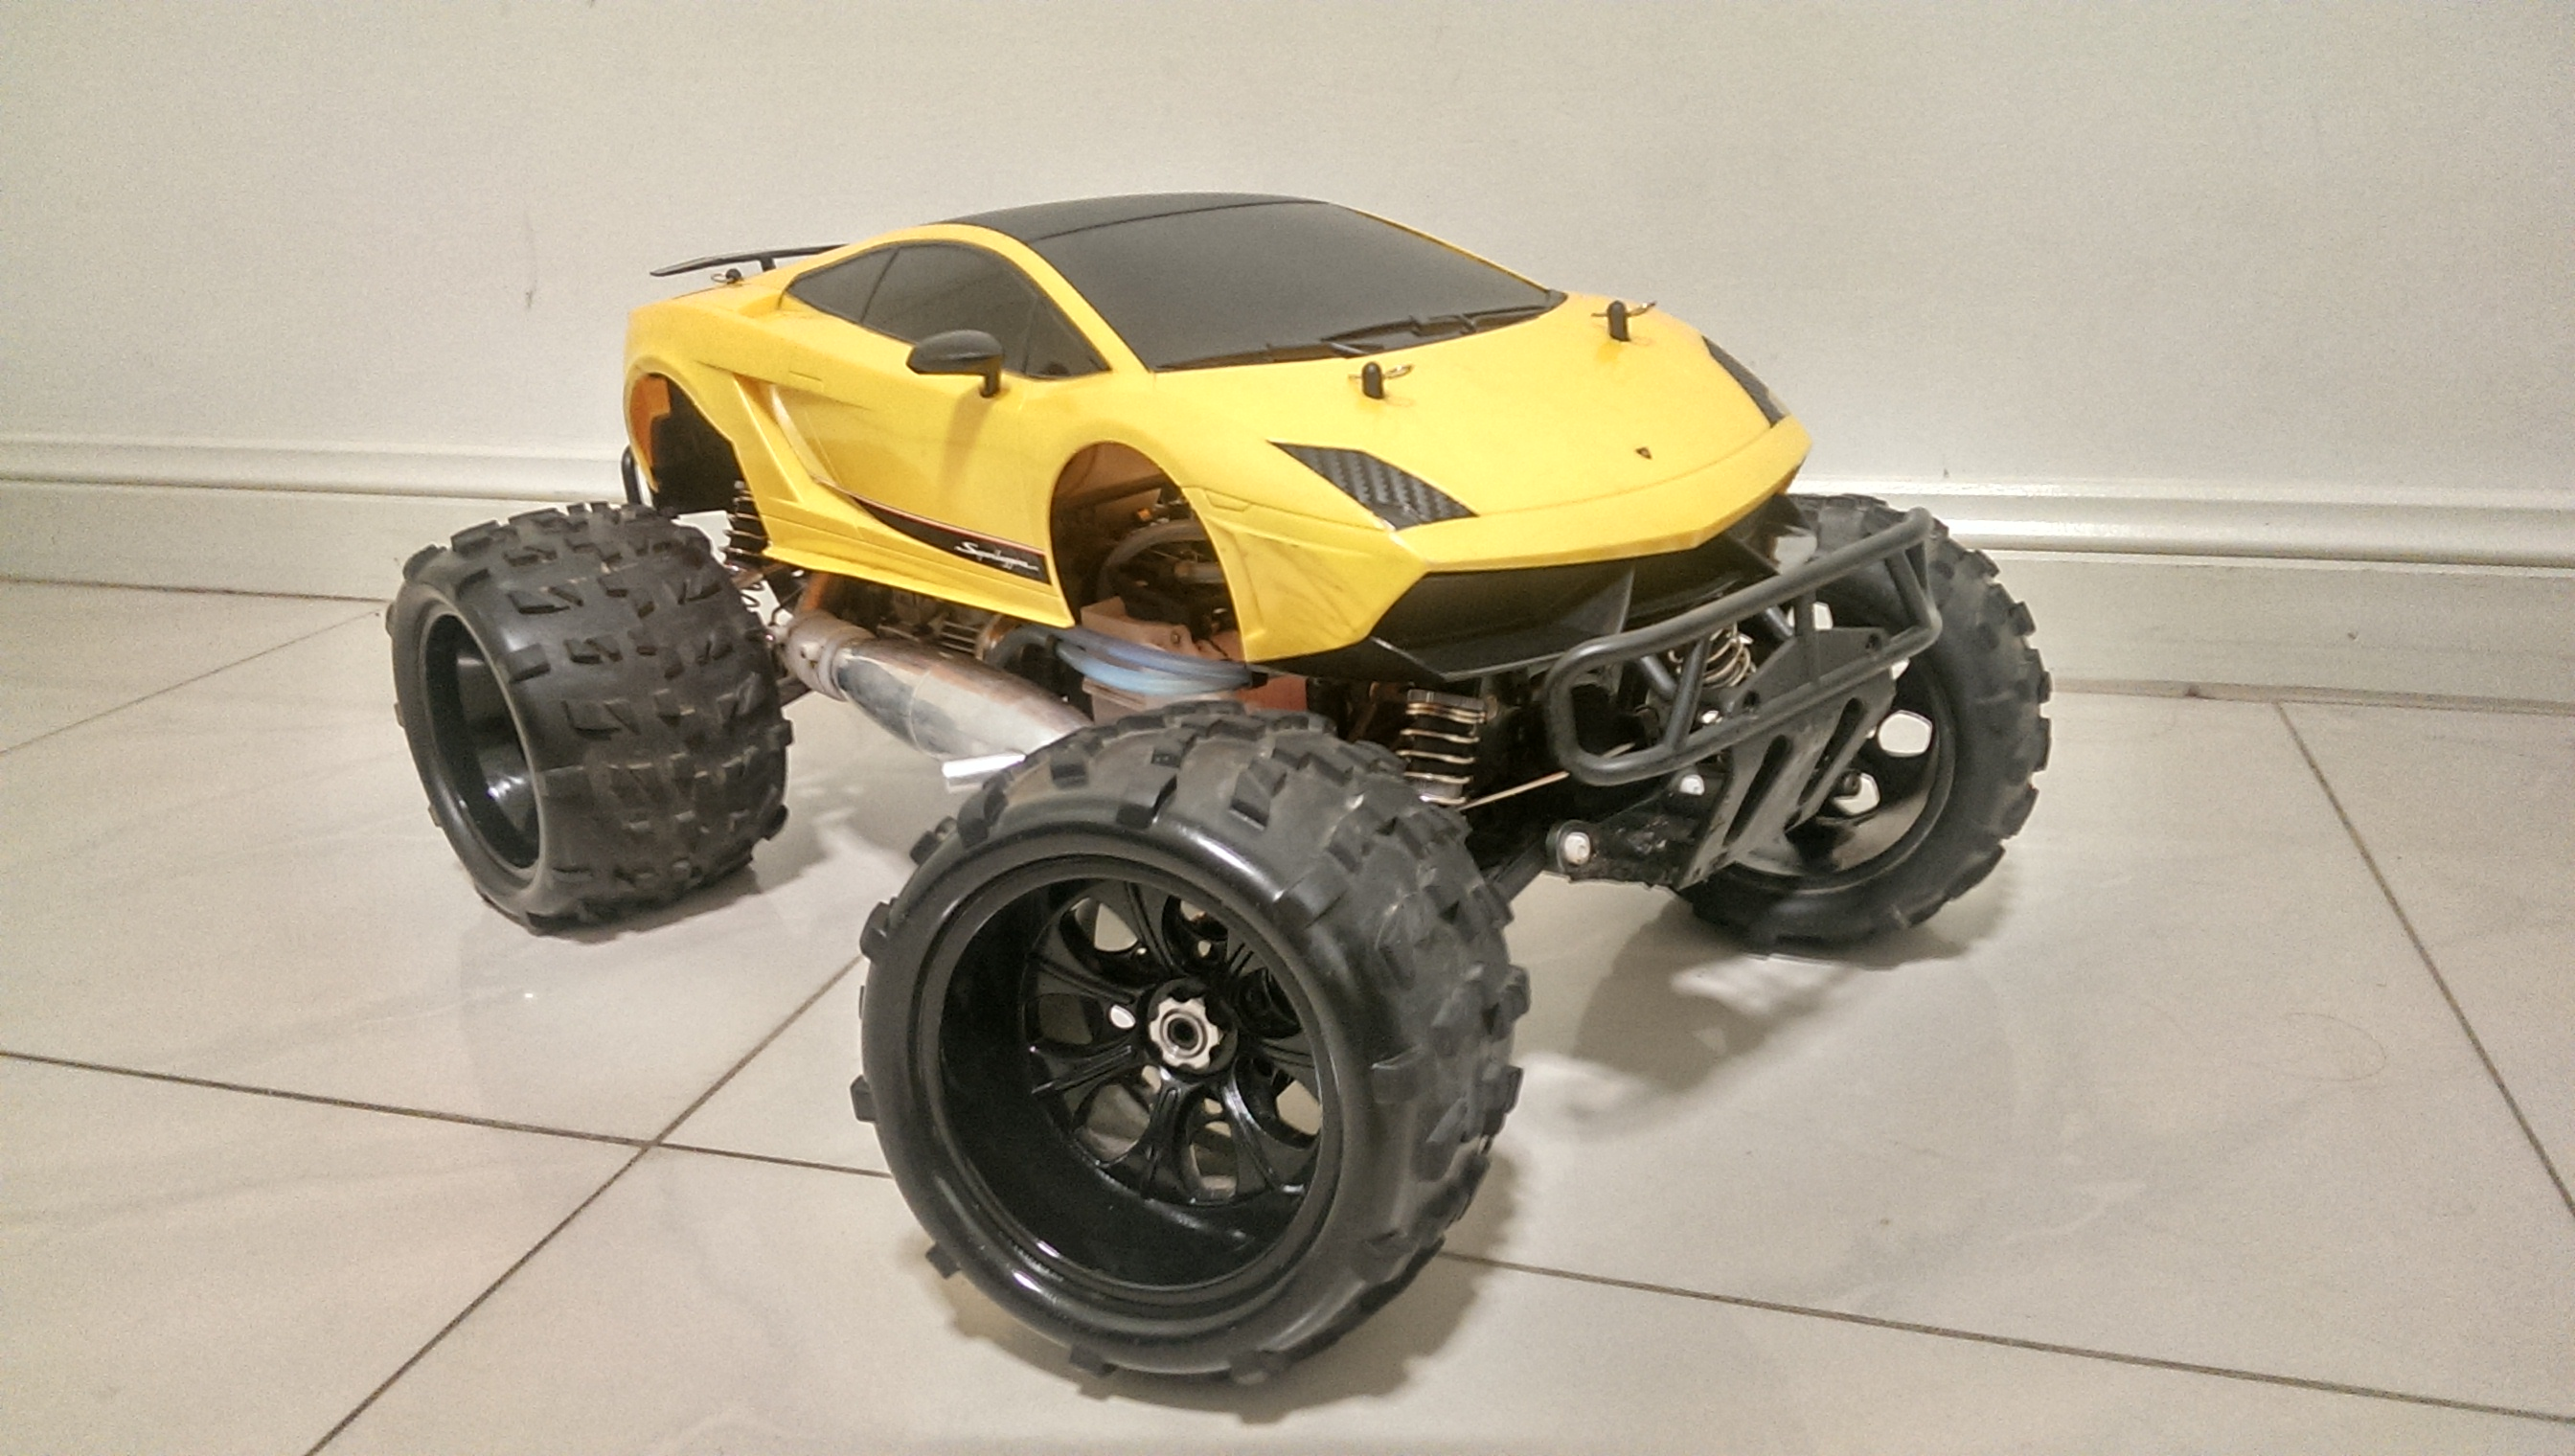 cool car garage ideas - 2020 Lamborghini Gallardo Superleggera